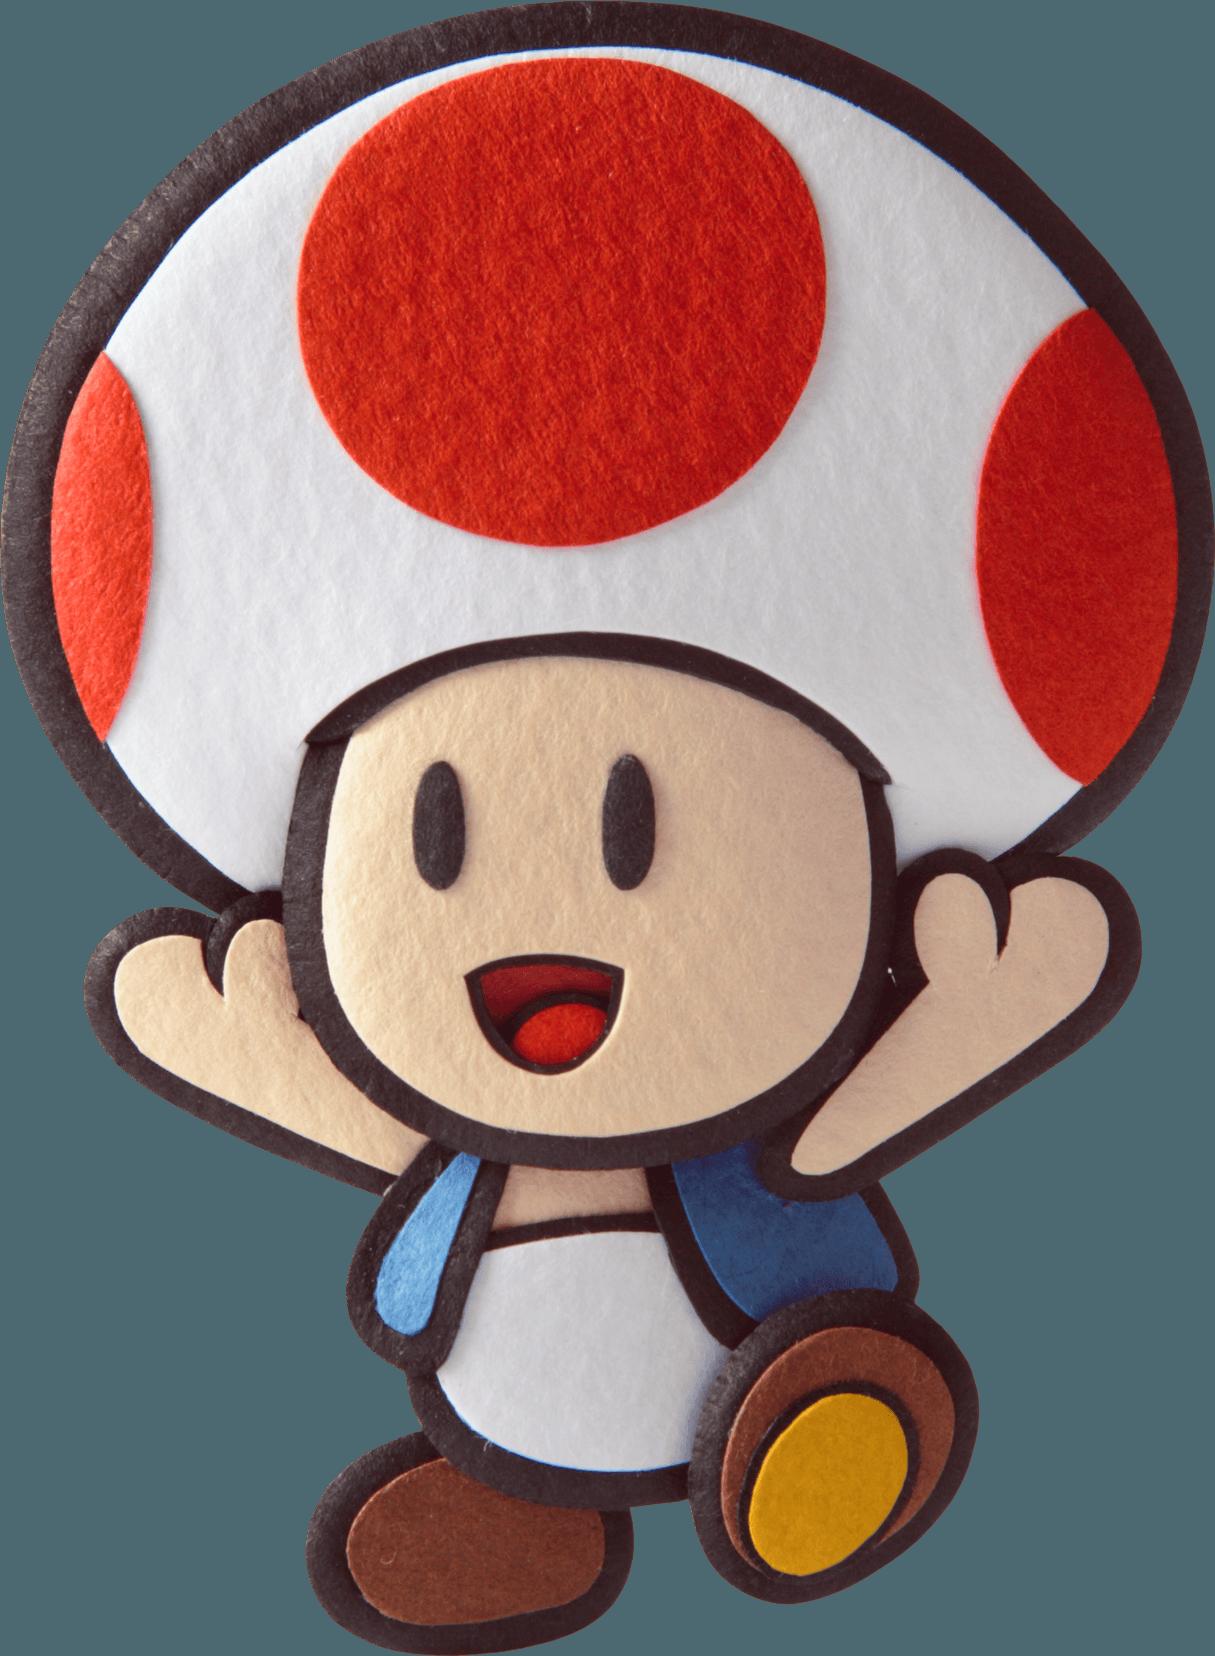 Paper Mario: Sticker Star (3DS) Artwork Including